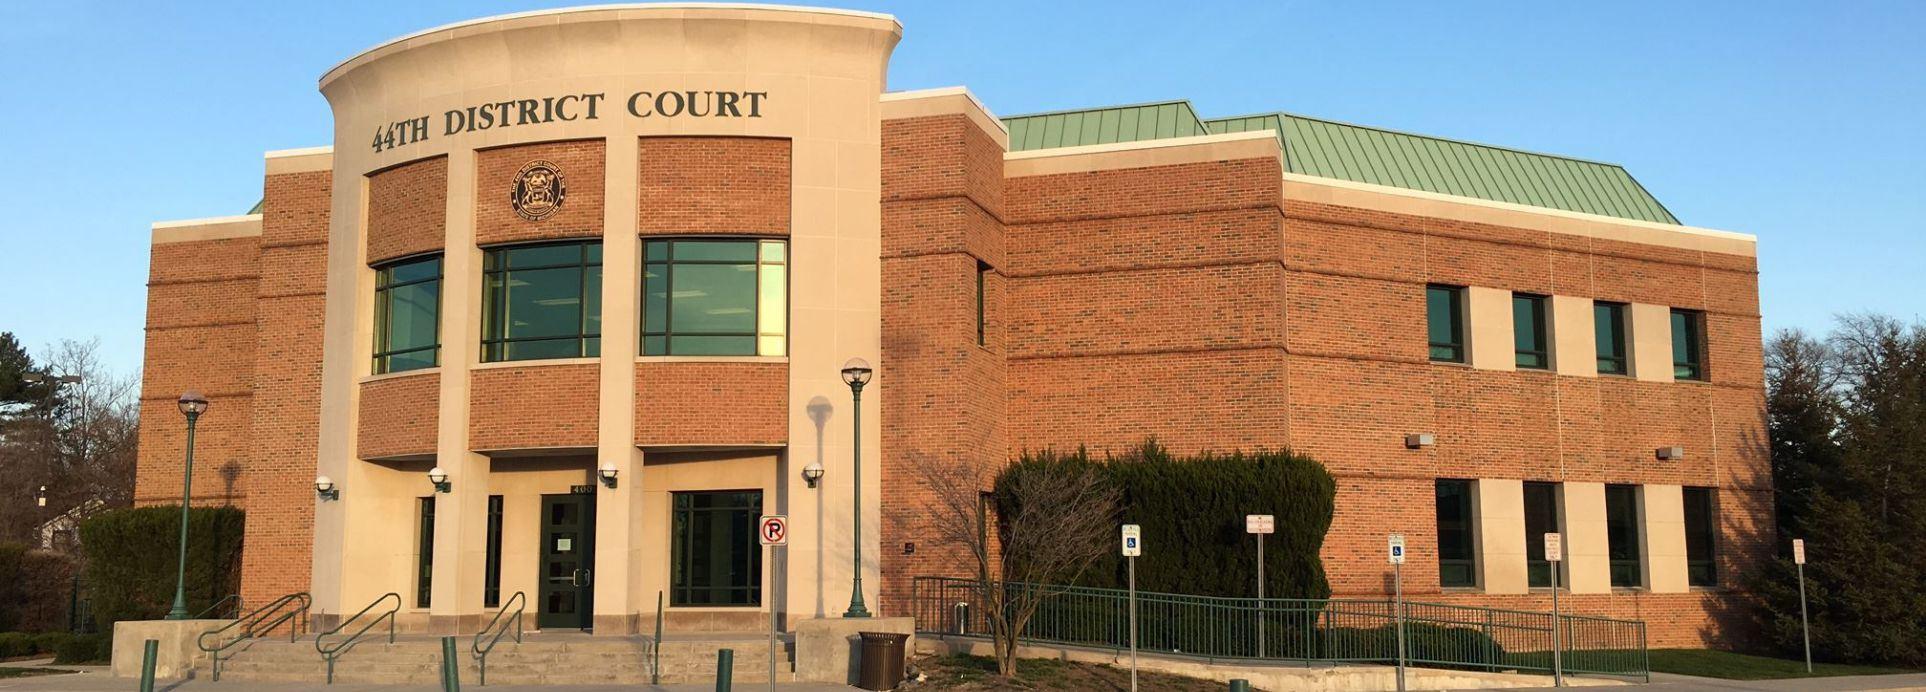 44th District Court | Royal Oak, MI